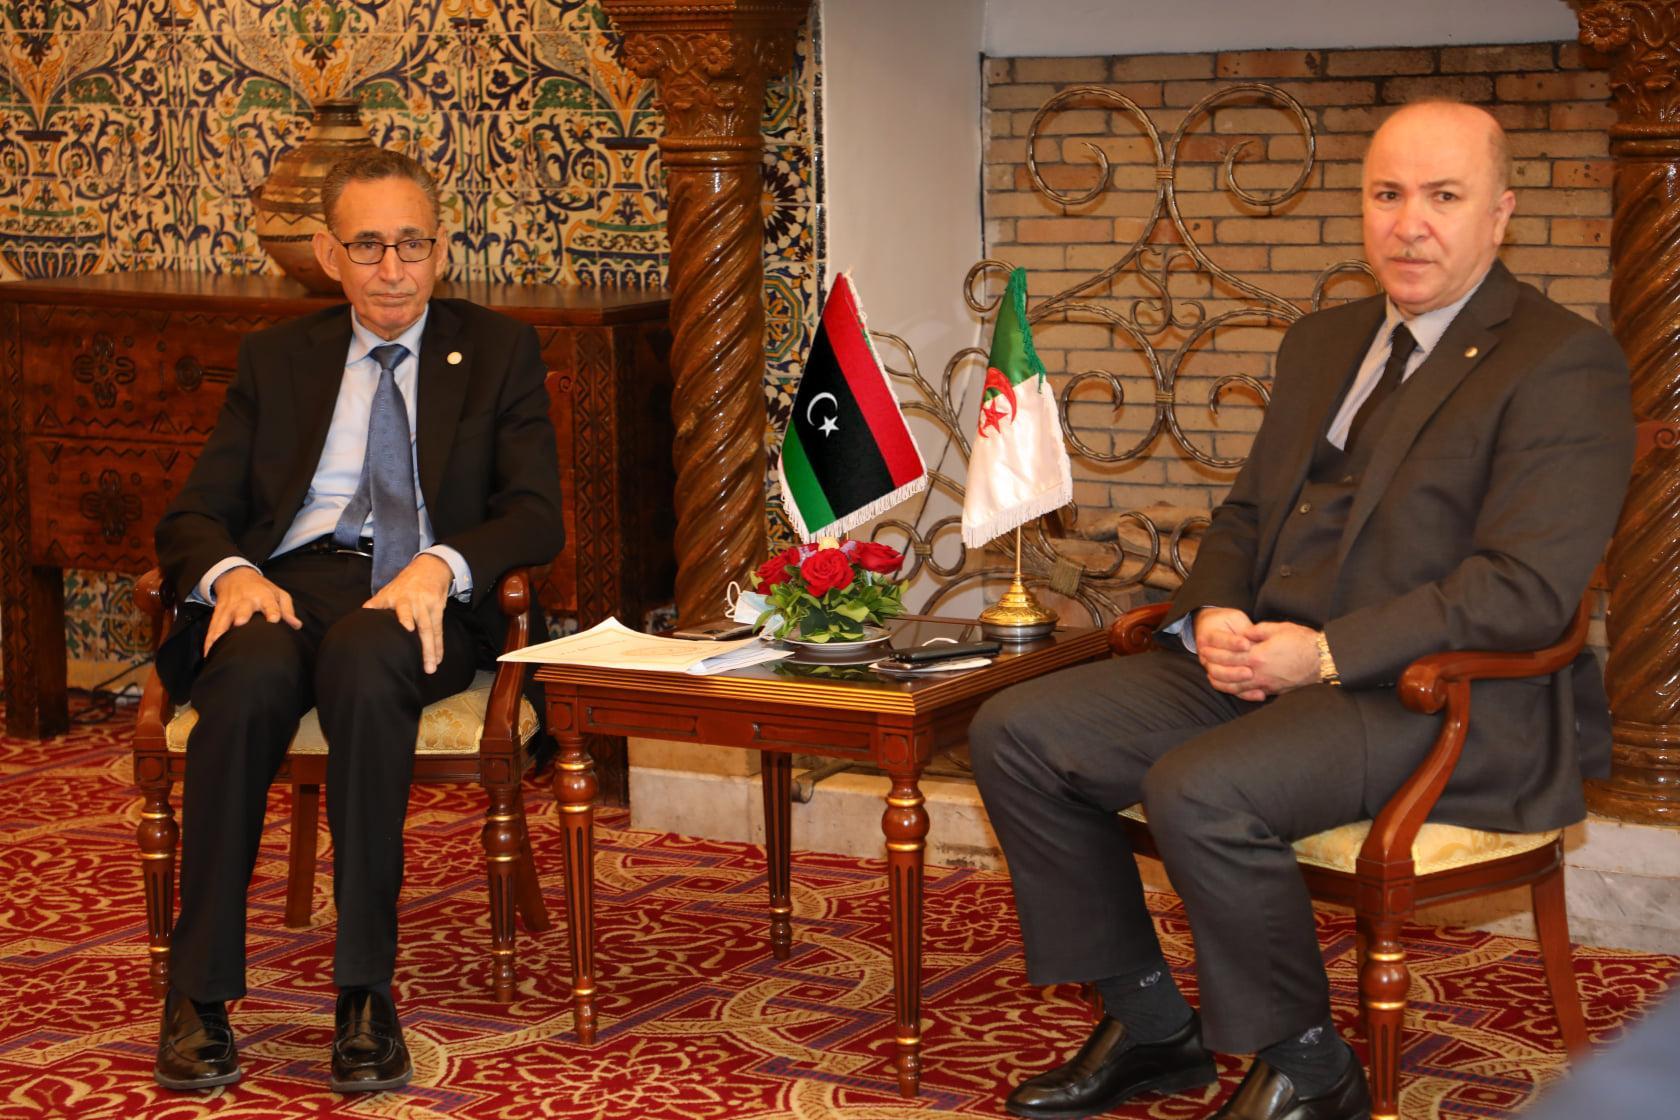 ليبيا تسعى لتفعيل الاتفاقيات التجارية والاقتصادية مع الجزائر